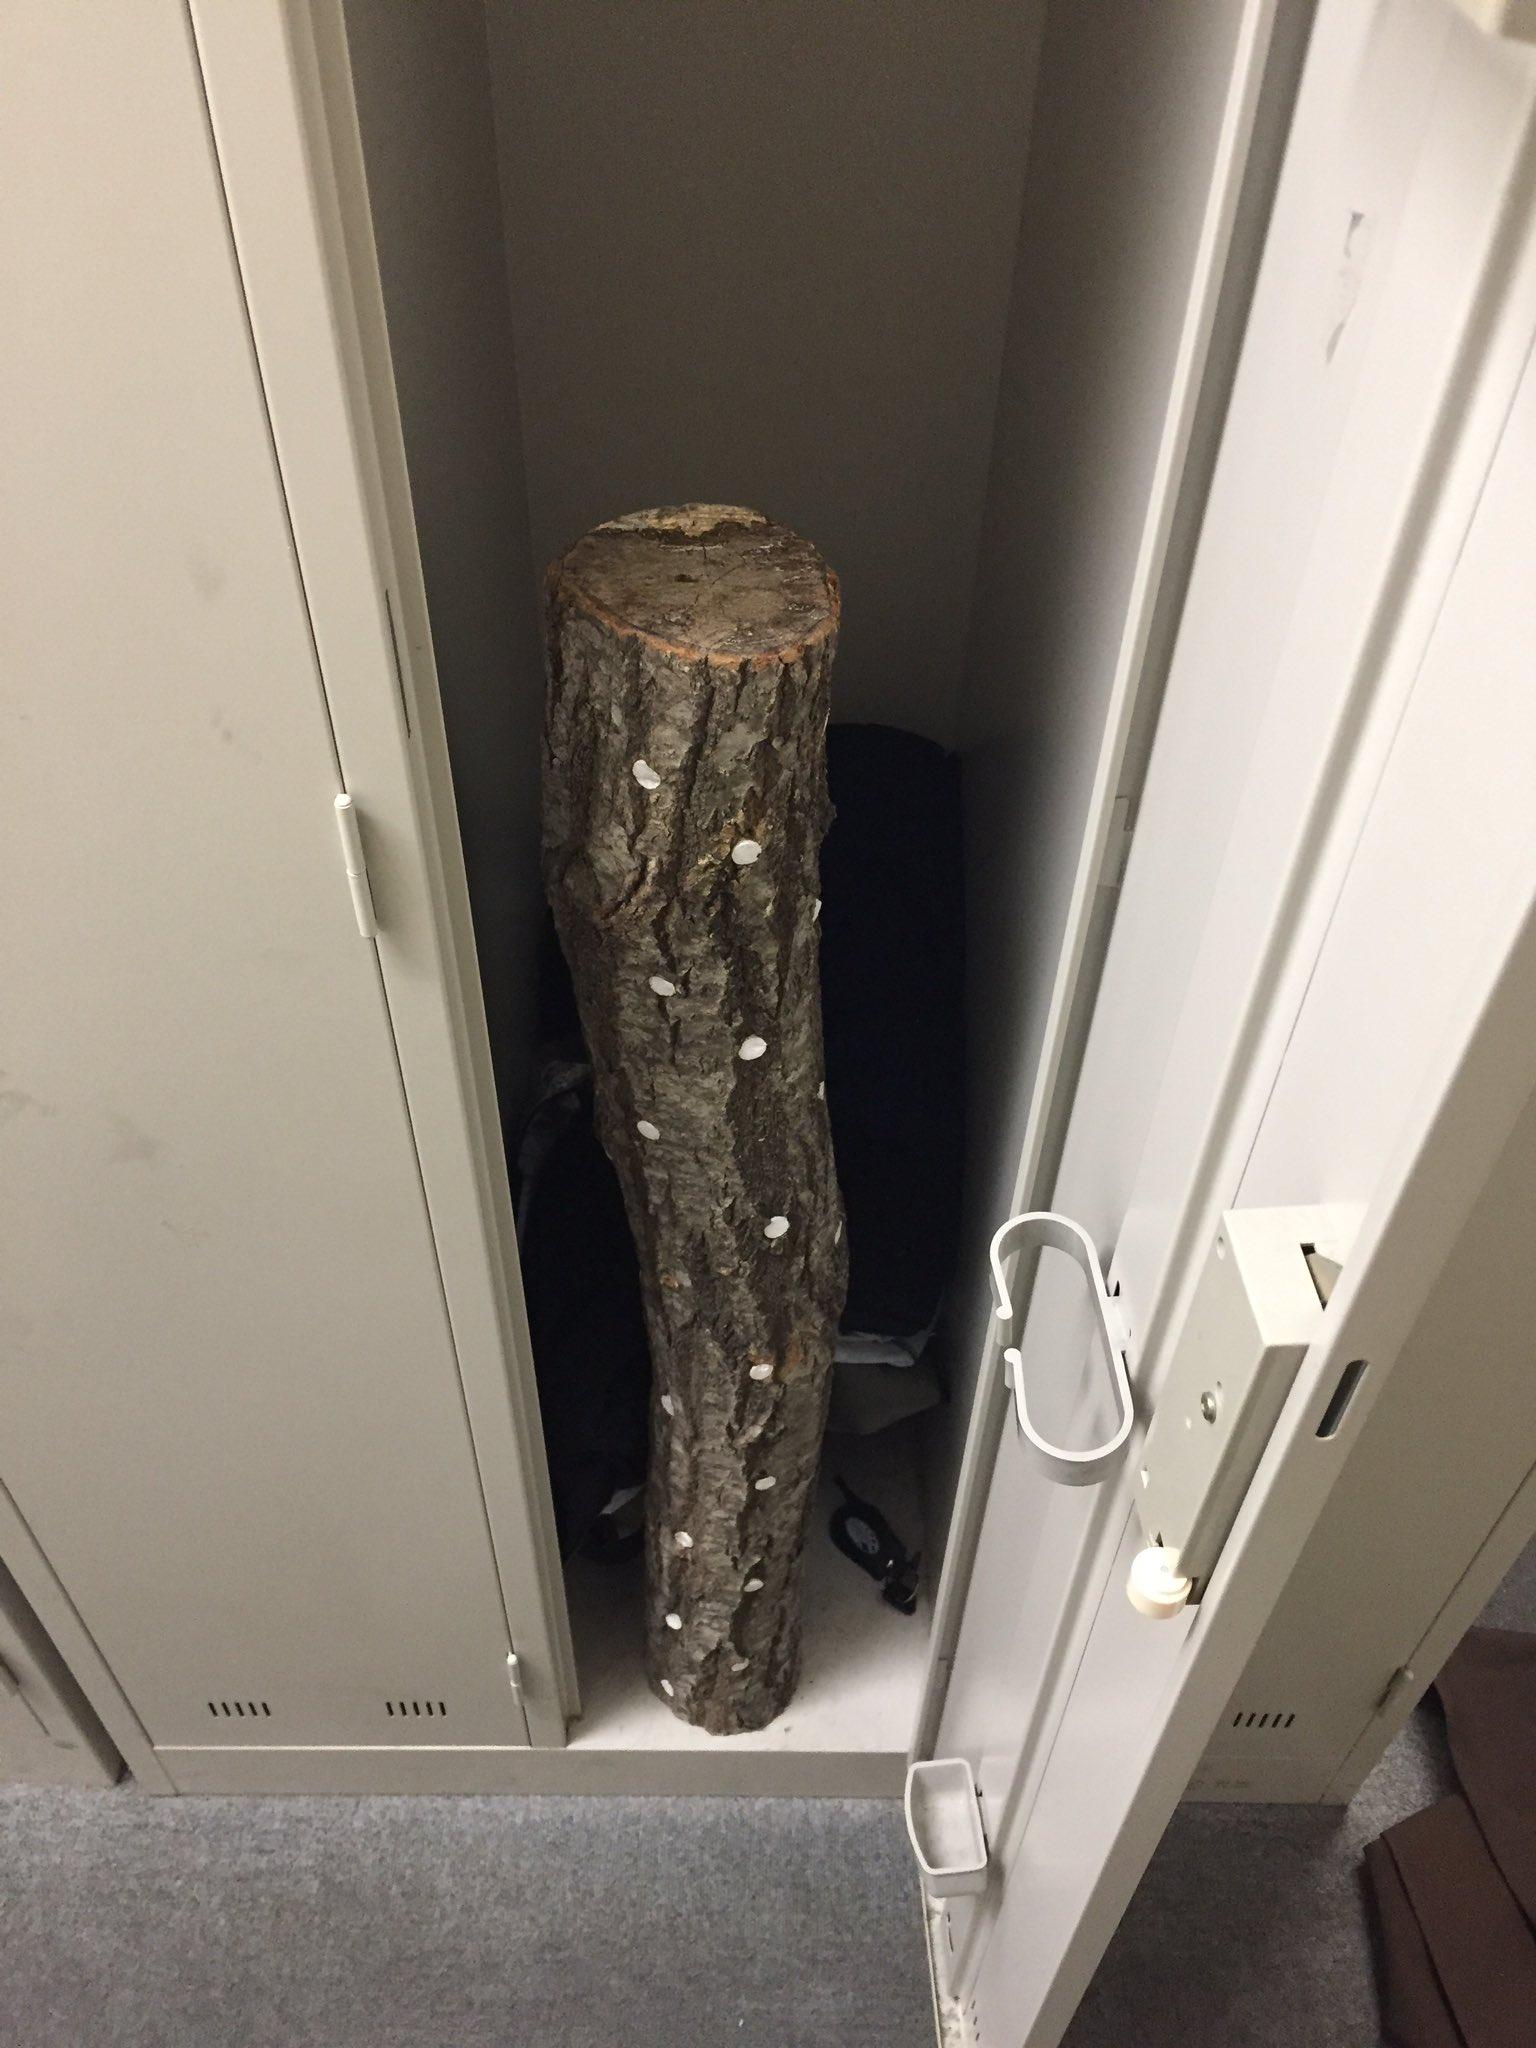 バイトの後輩が「ロッカーにしいたけ入れときましたから!」と言われウキウキしながらロッカーを開け原木が入っていた時のぼくの気持ちを答えよ。